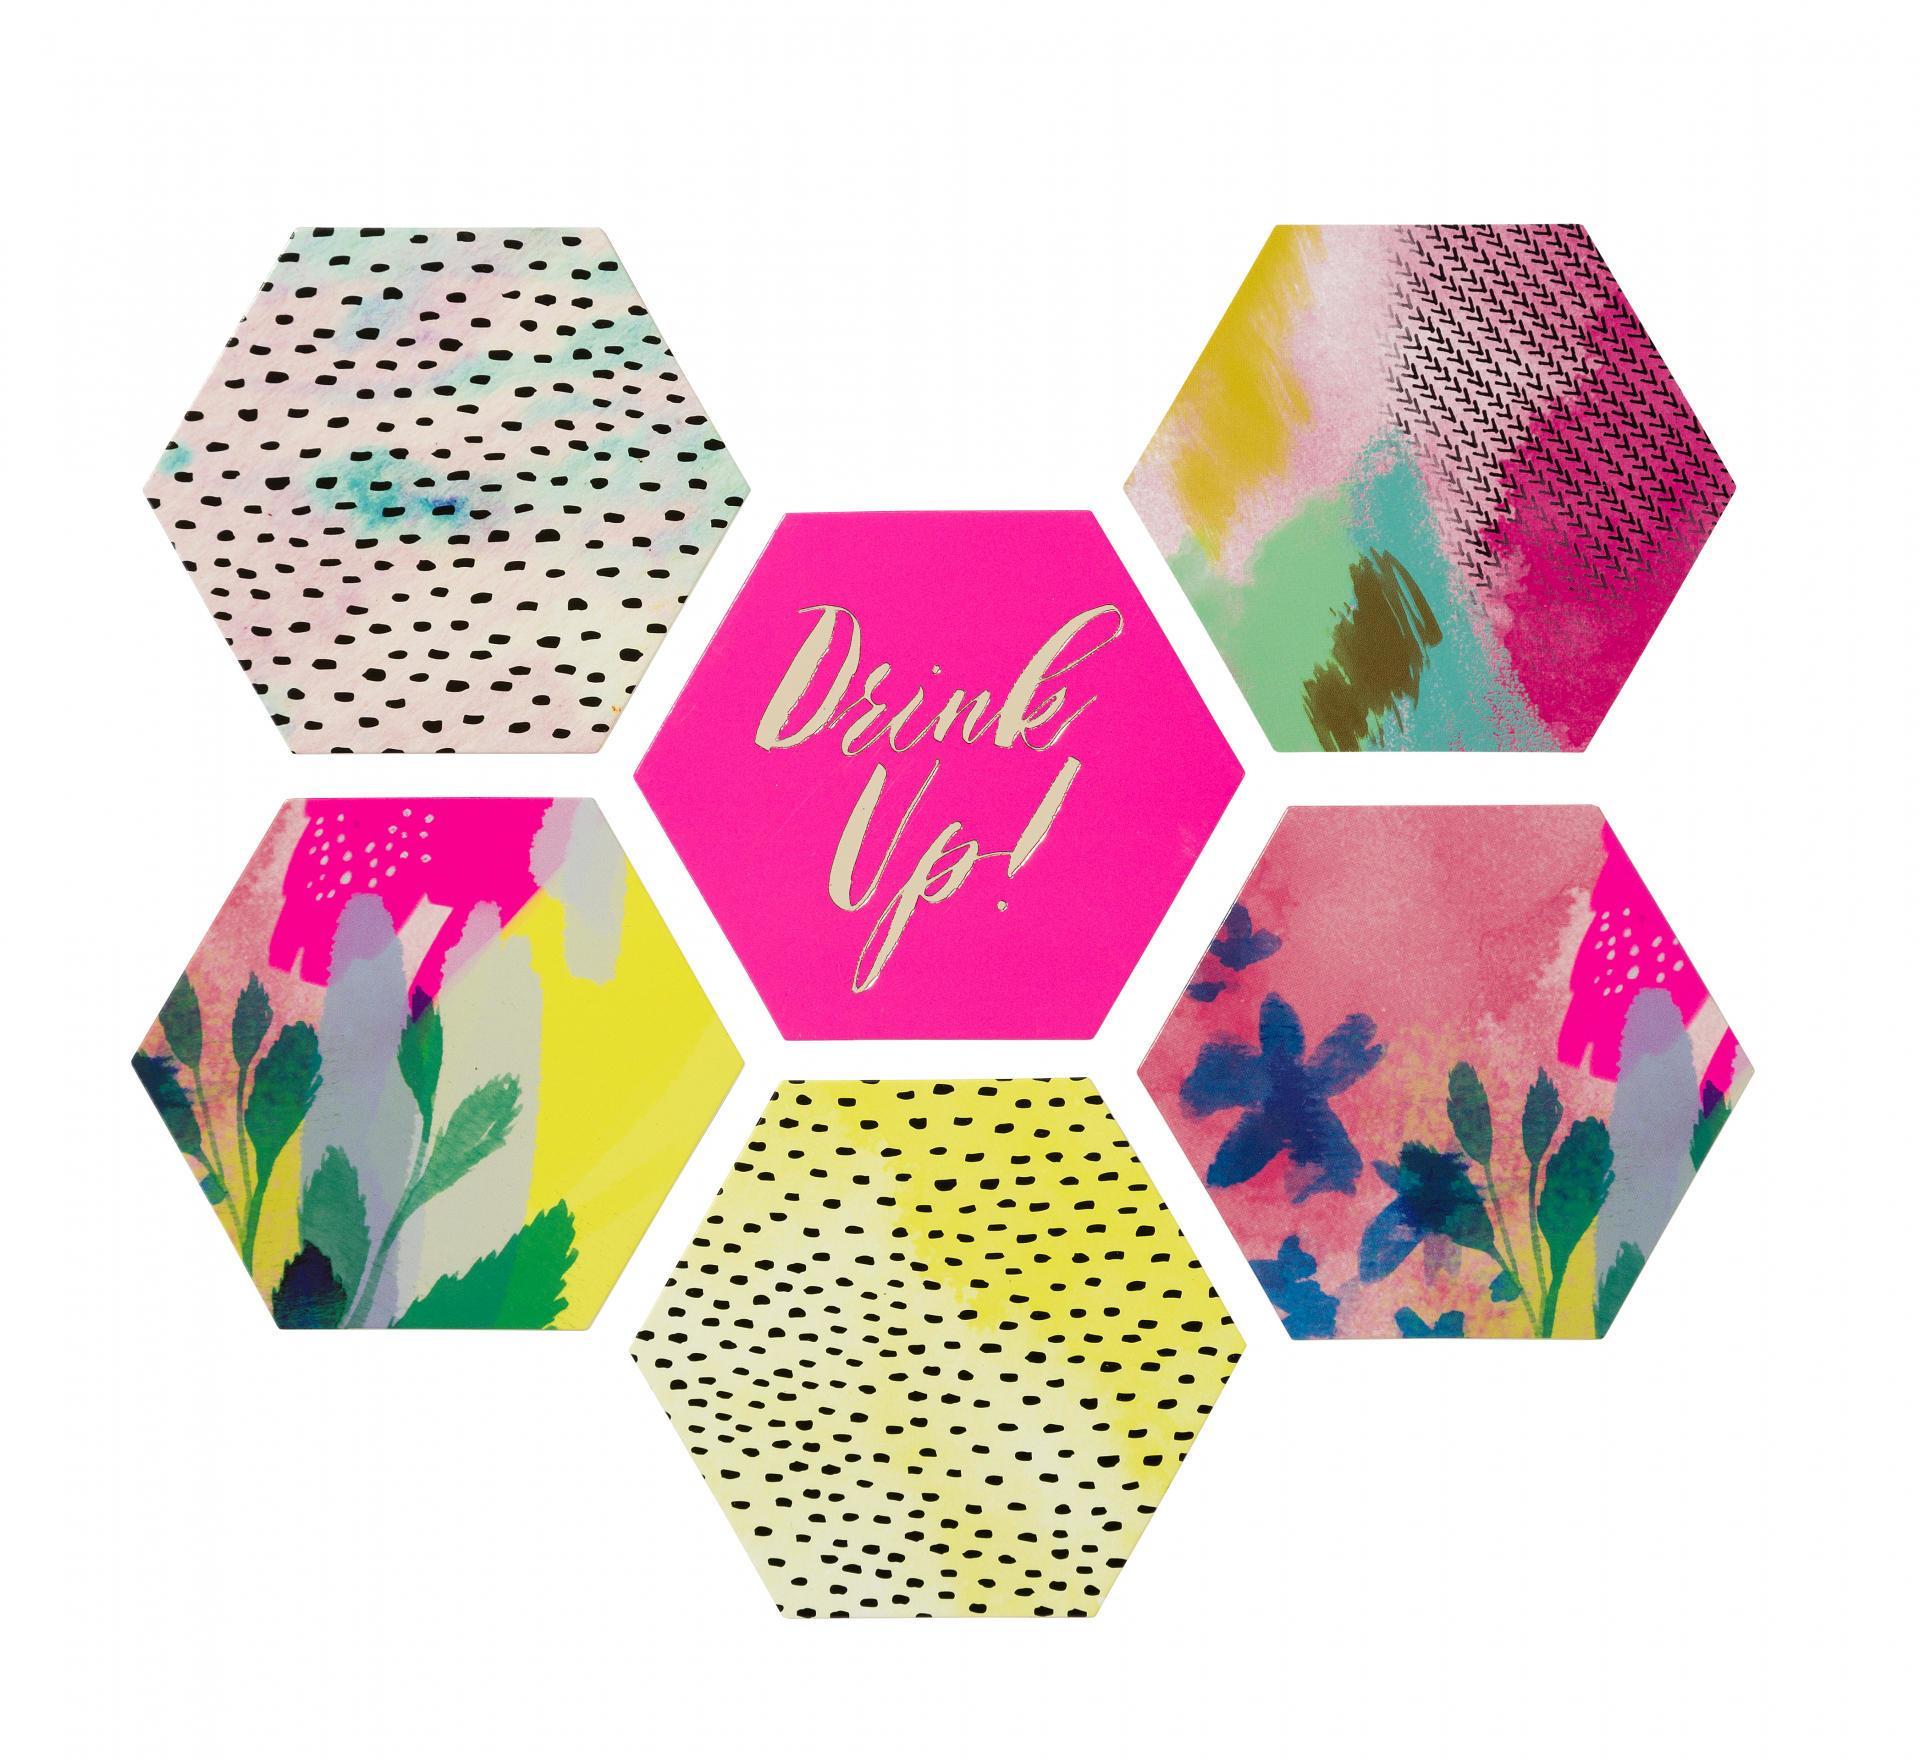 Talking Tables Podložky pod hrnky Fluorescent - set 12 ks, růžová barva, multi barva, papír